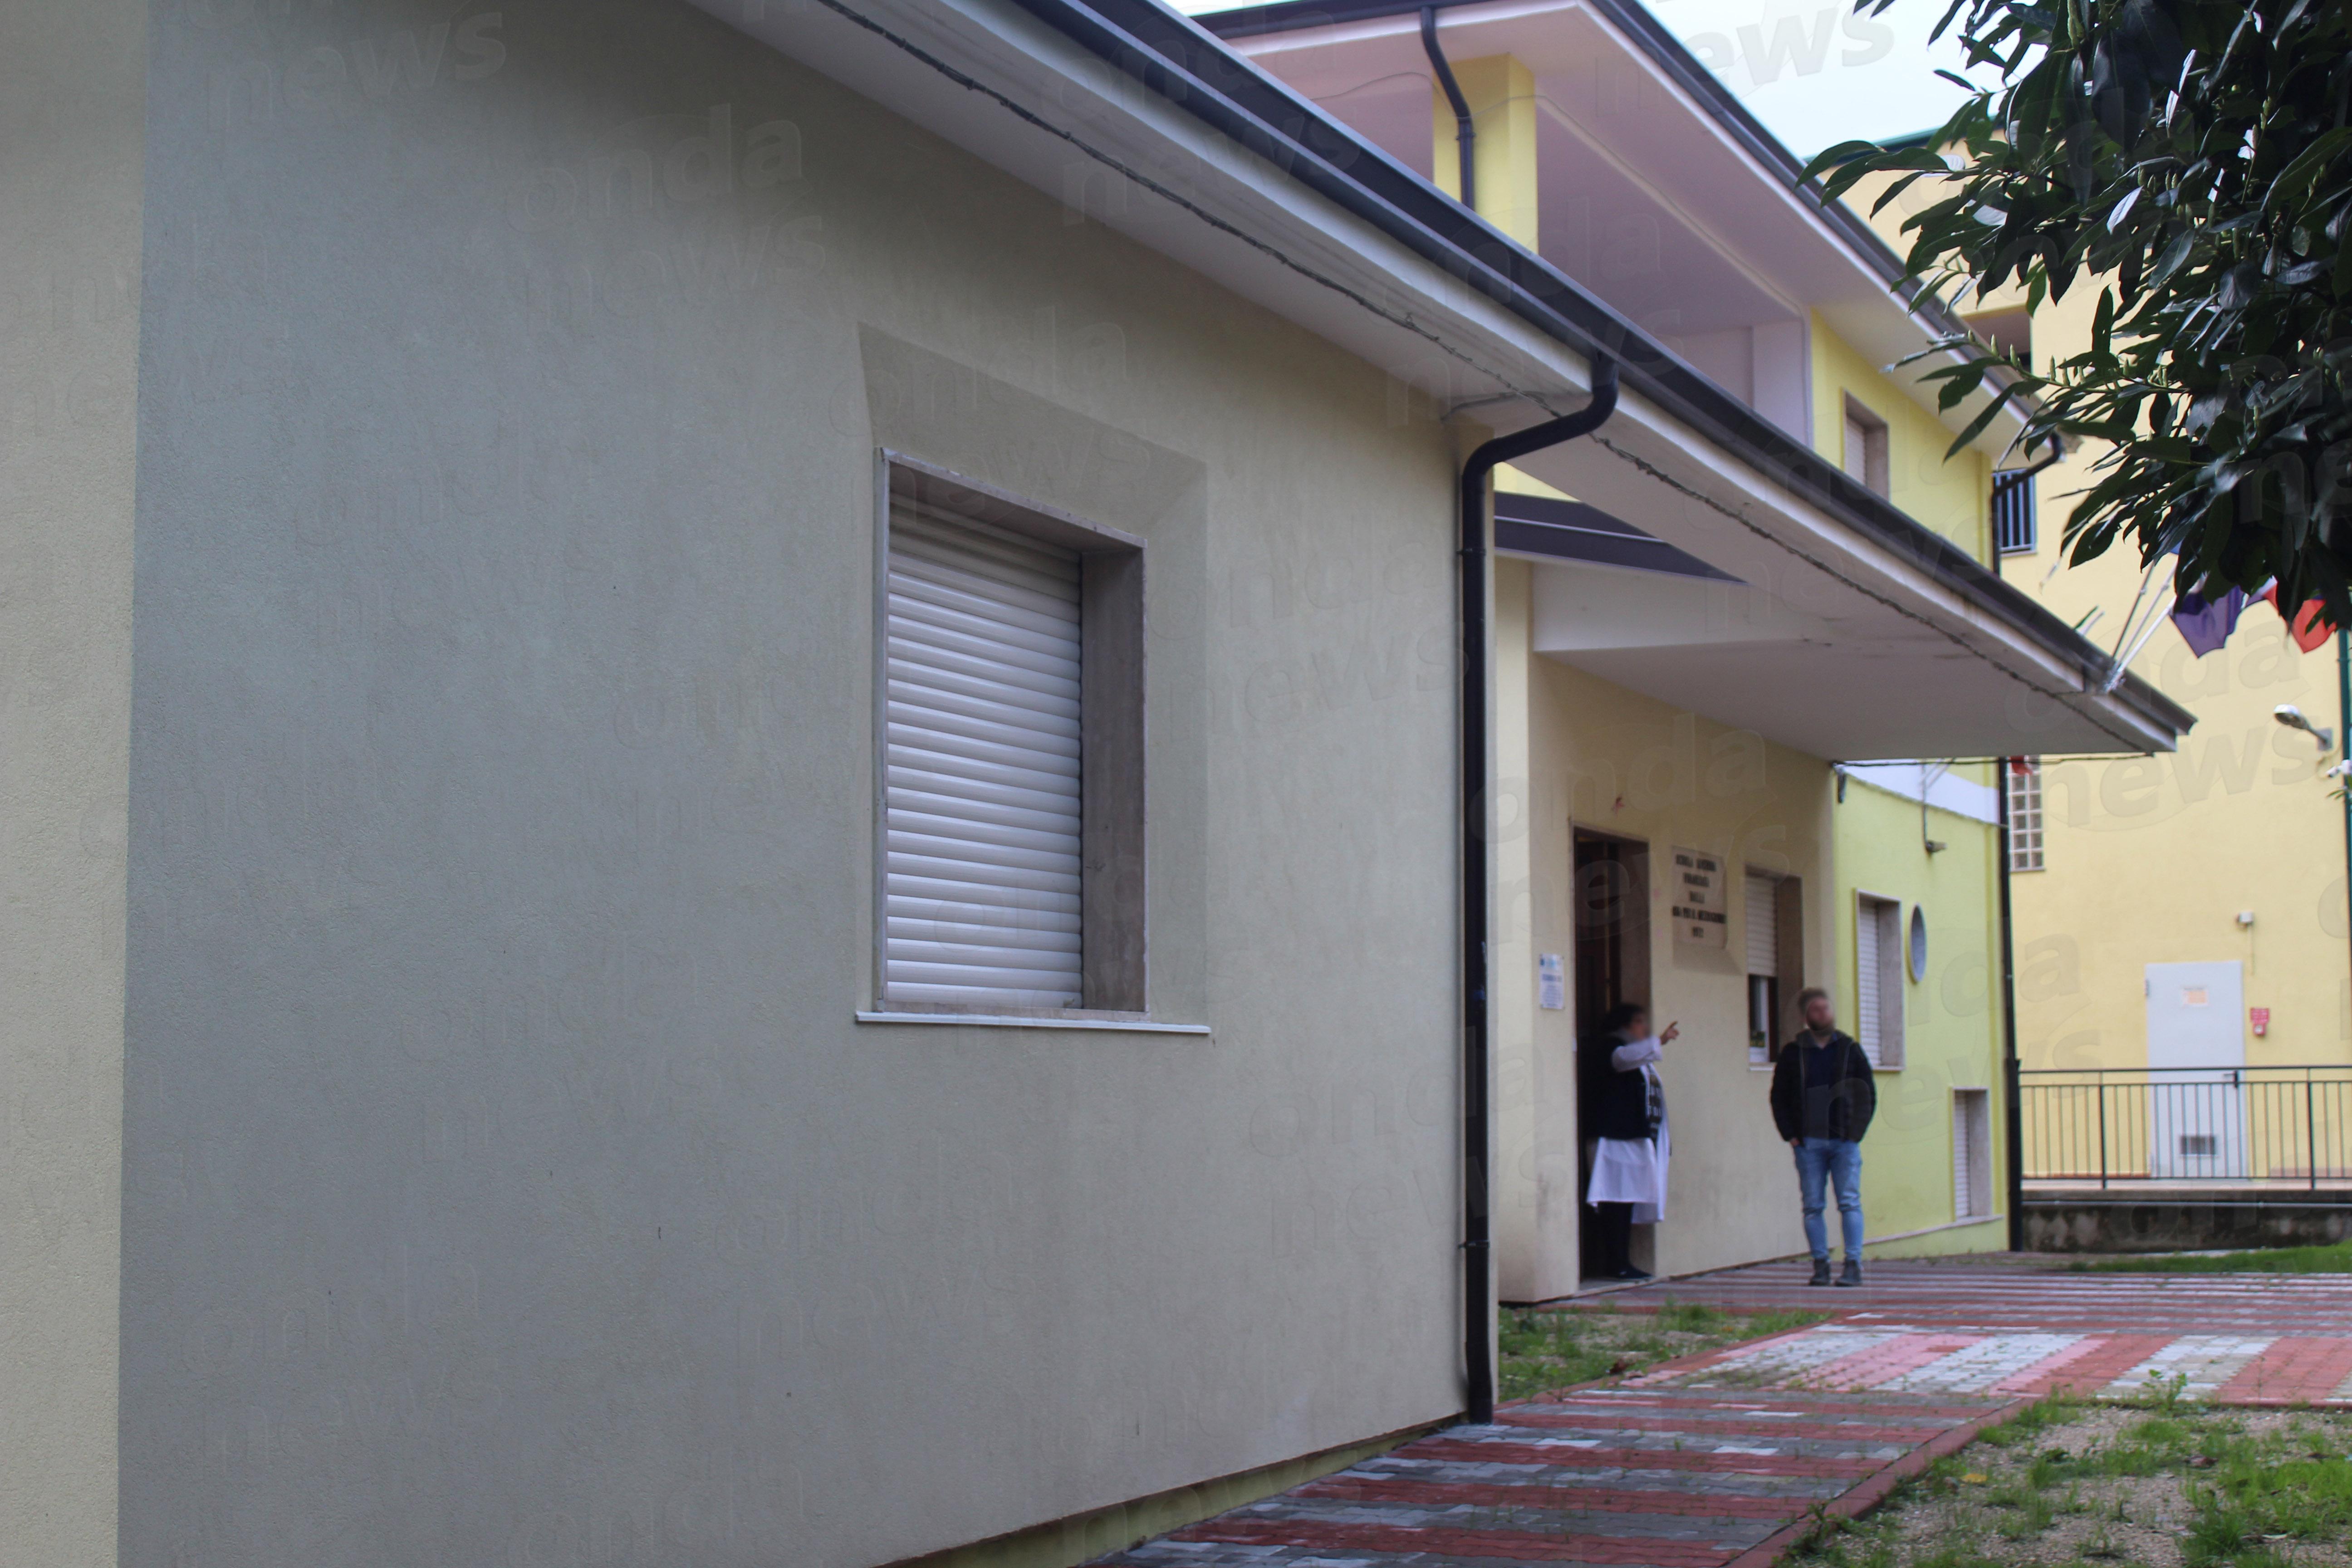 SCUOLA DELL'INFANZIA STATALE + SEDE PROT. CIVILE